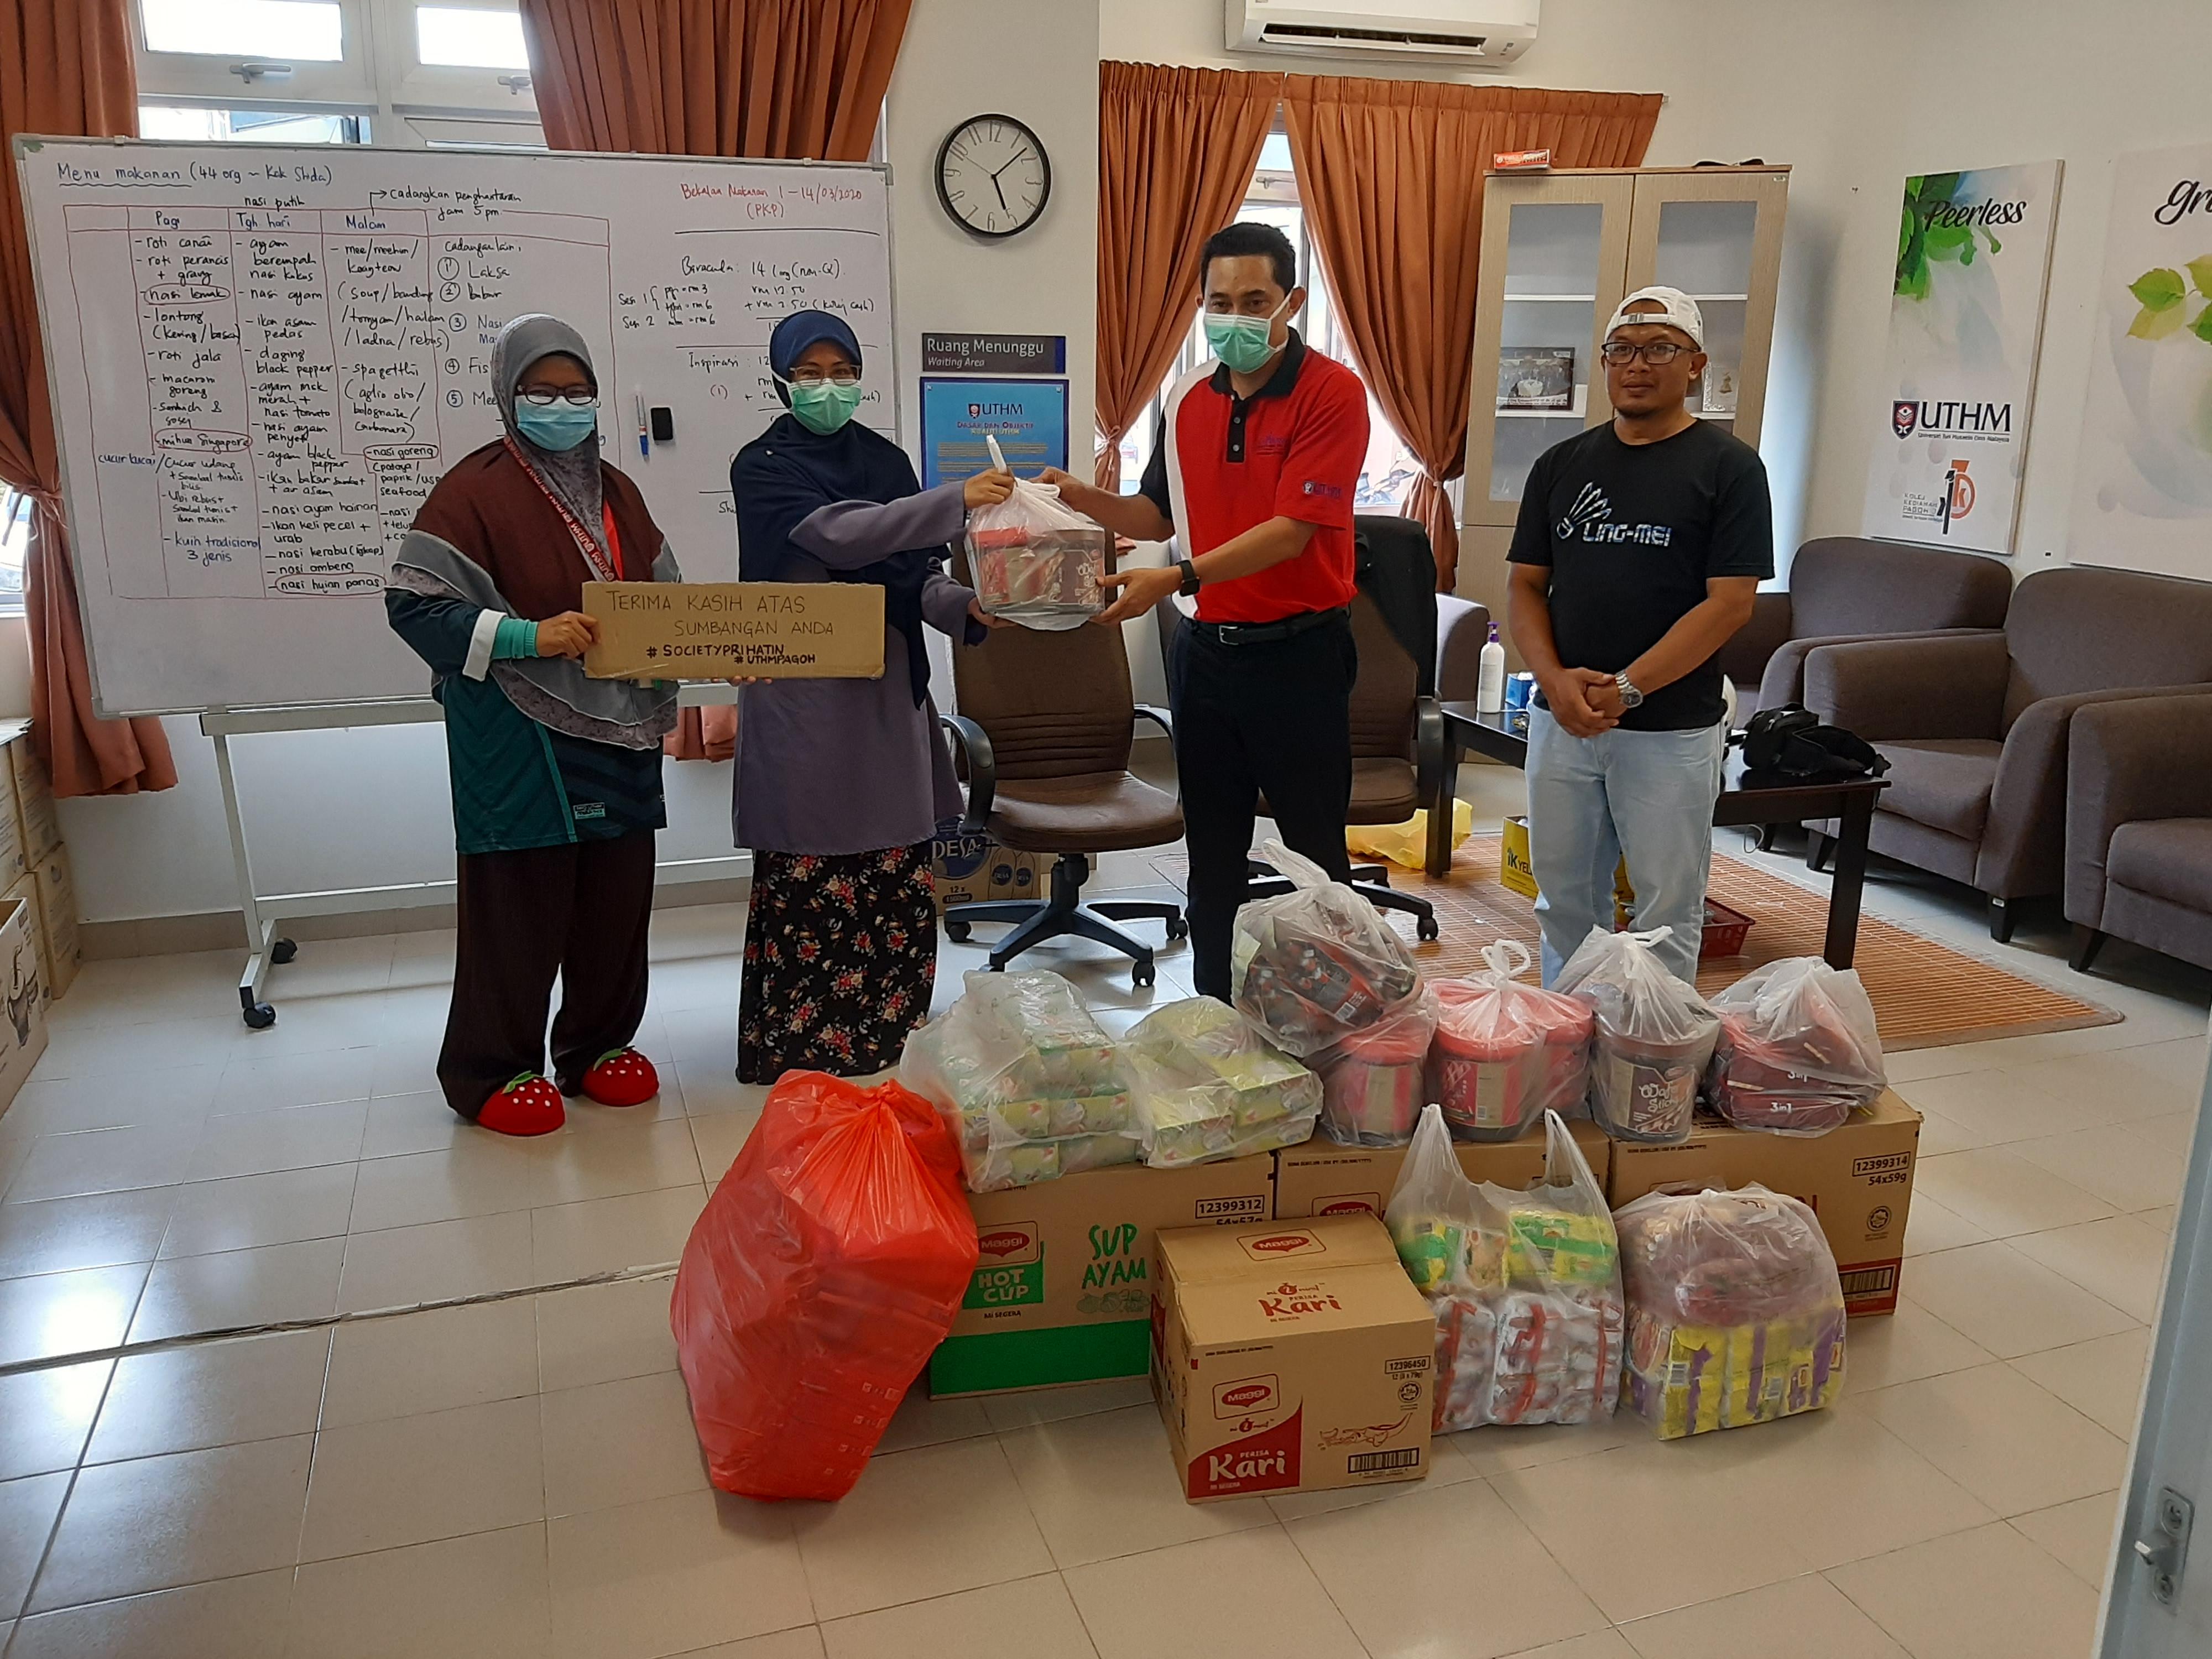 Sumbangan diserahkan di Koleh Kediama Pelajar UTHM Pagoh oleh Puan Nur Diyanah (tudung biru) kepada Provost UTHM Pagoh, Provost UTHM Pagoh, Prof. Madya Ts. Dr. Mohd Kamarulzaki Bin Mustafa (baju merah).